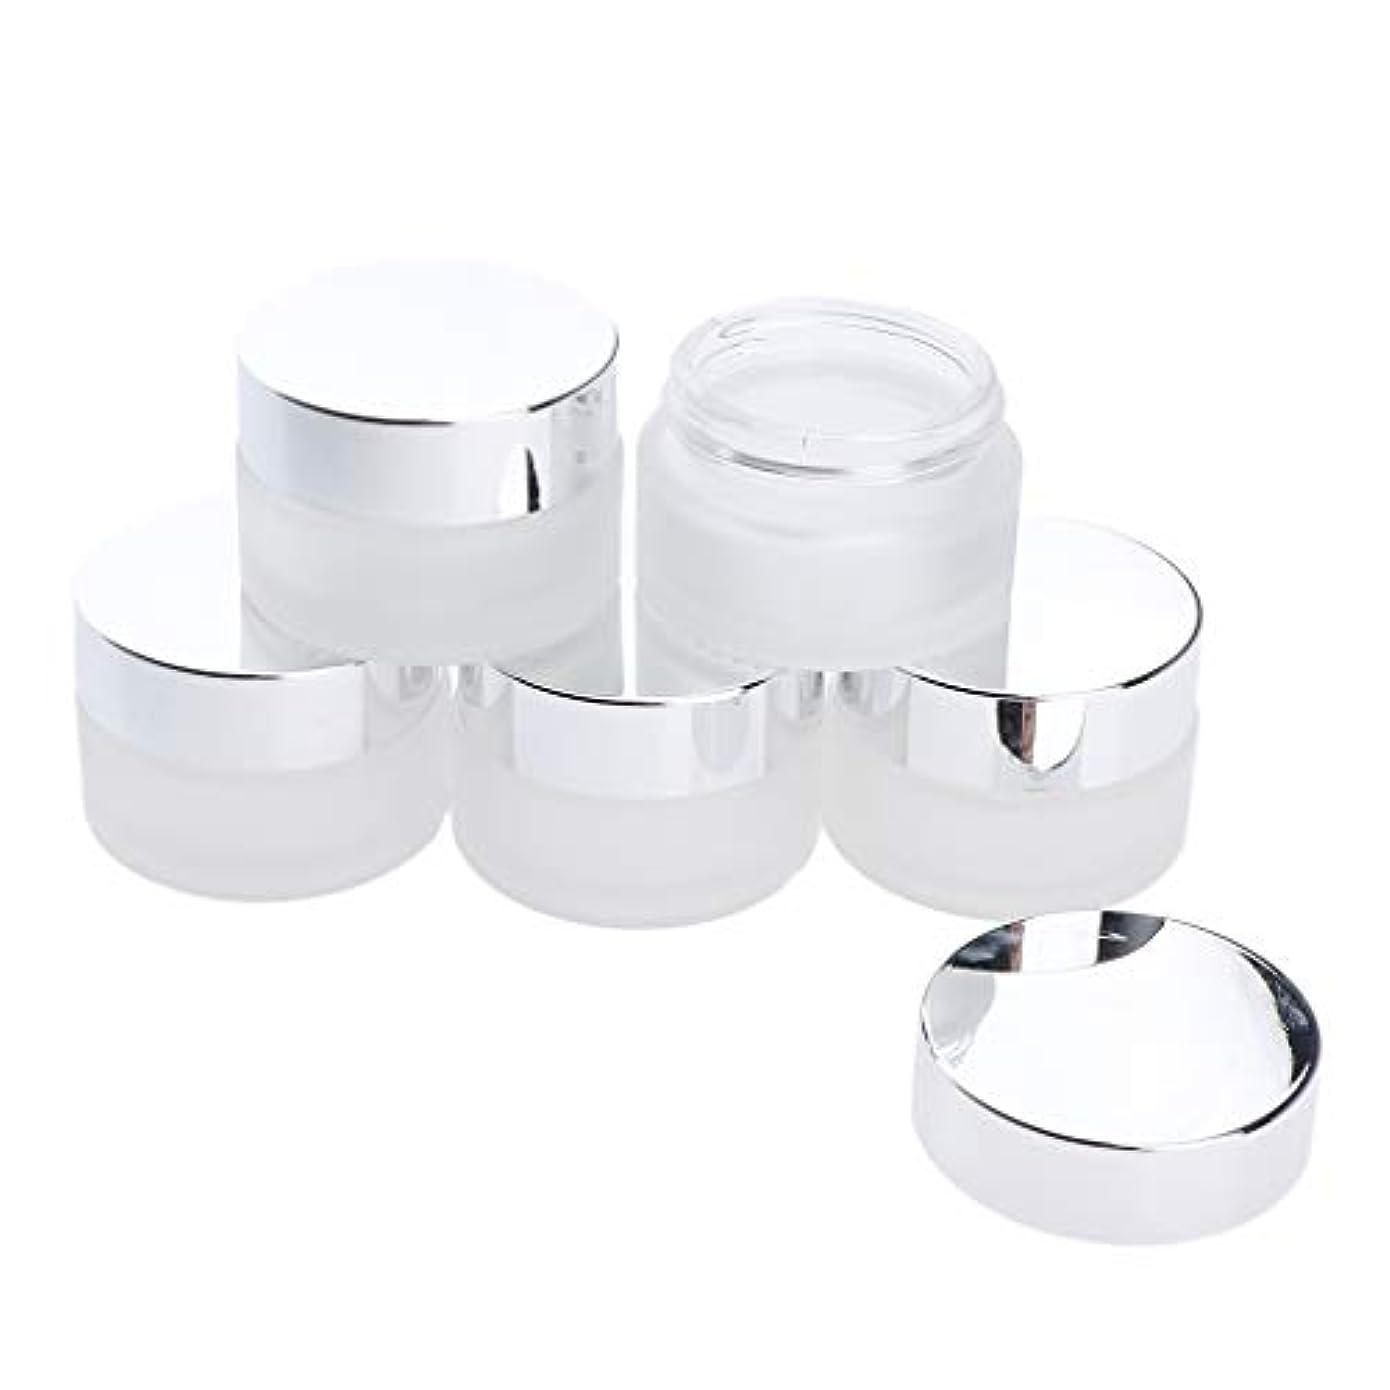 混雑用心組み込む5本 ガラス瓶 メイクアップ フェイスクリーム オイル DIY 小分け容器 2サイズ選べ - 20g